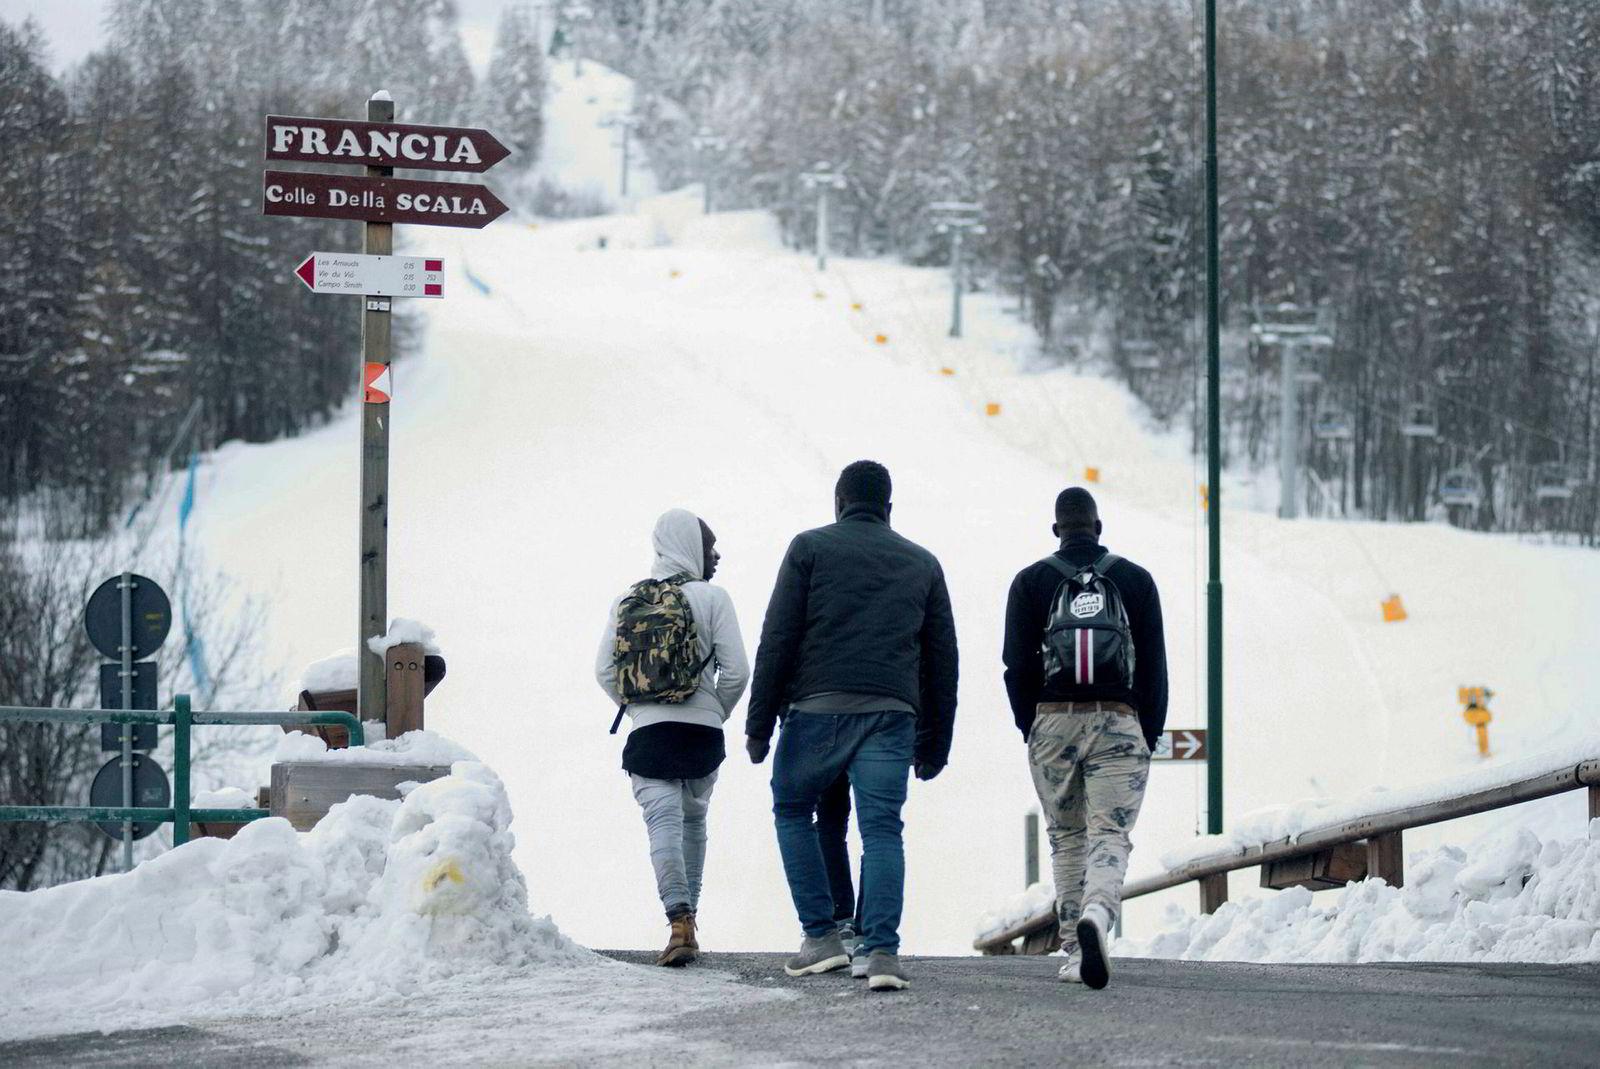 Disse tre innvandrerne gikk i januar gjennom fjellpasset Colle della Scala hvor de senere skulle forsøke å krysse grensen over fra Italia til Frankrike.